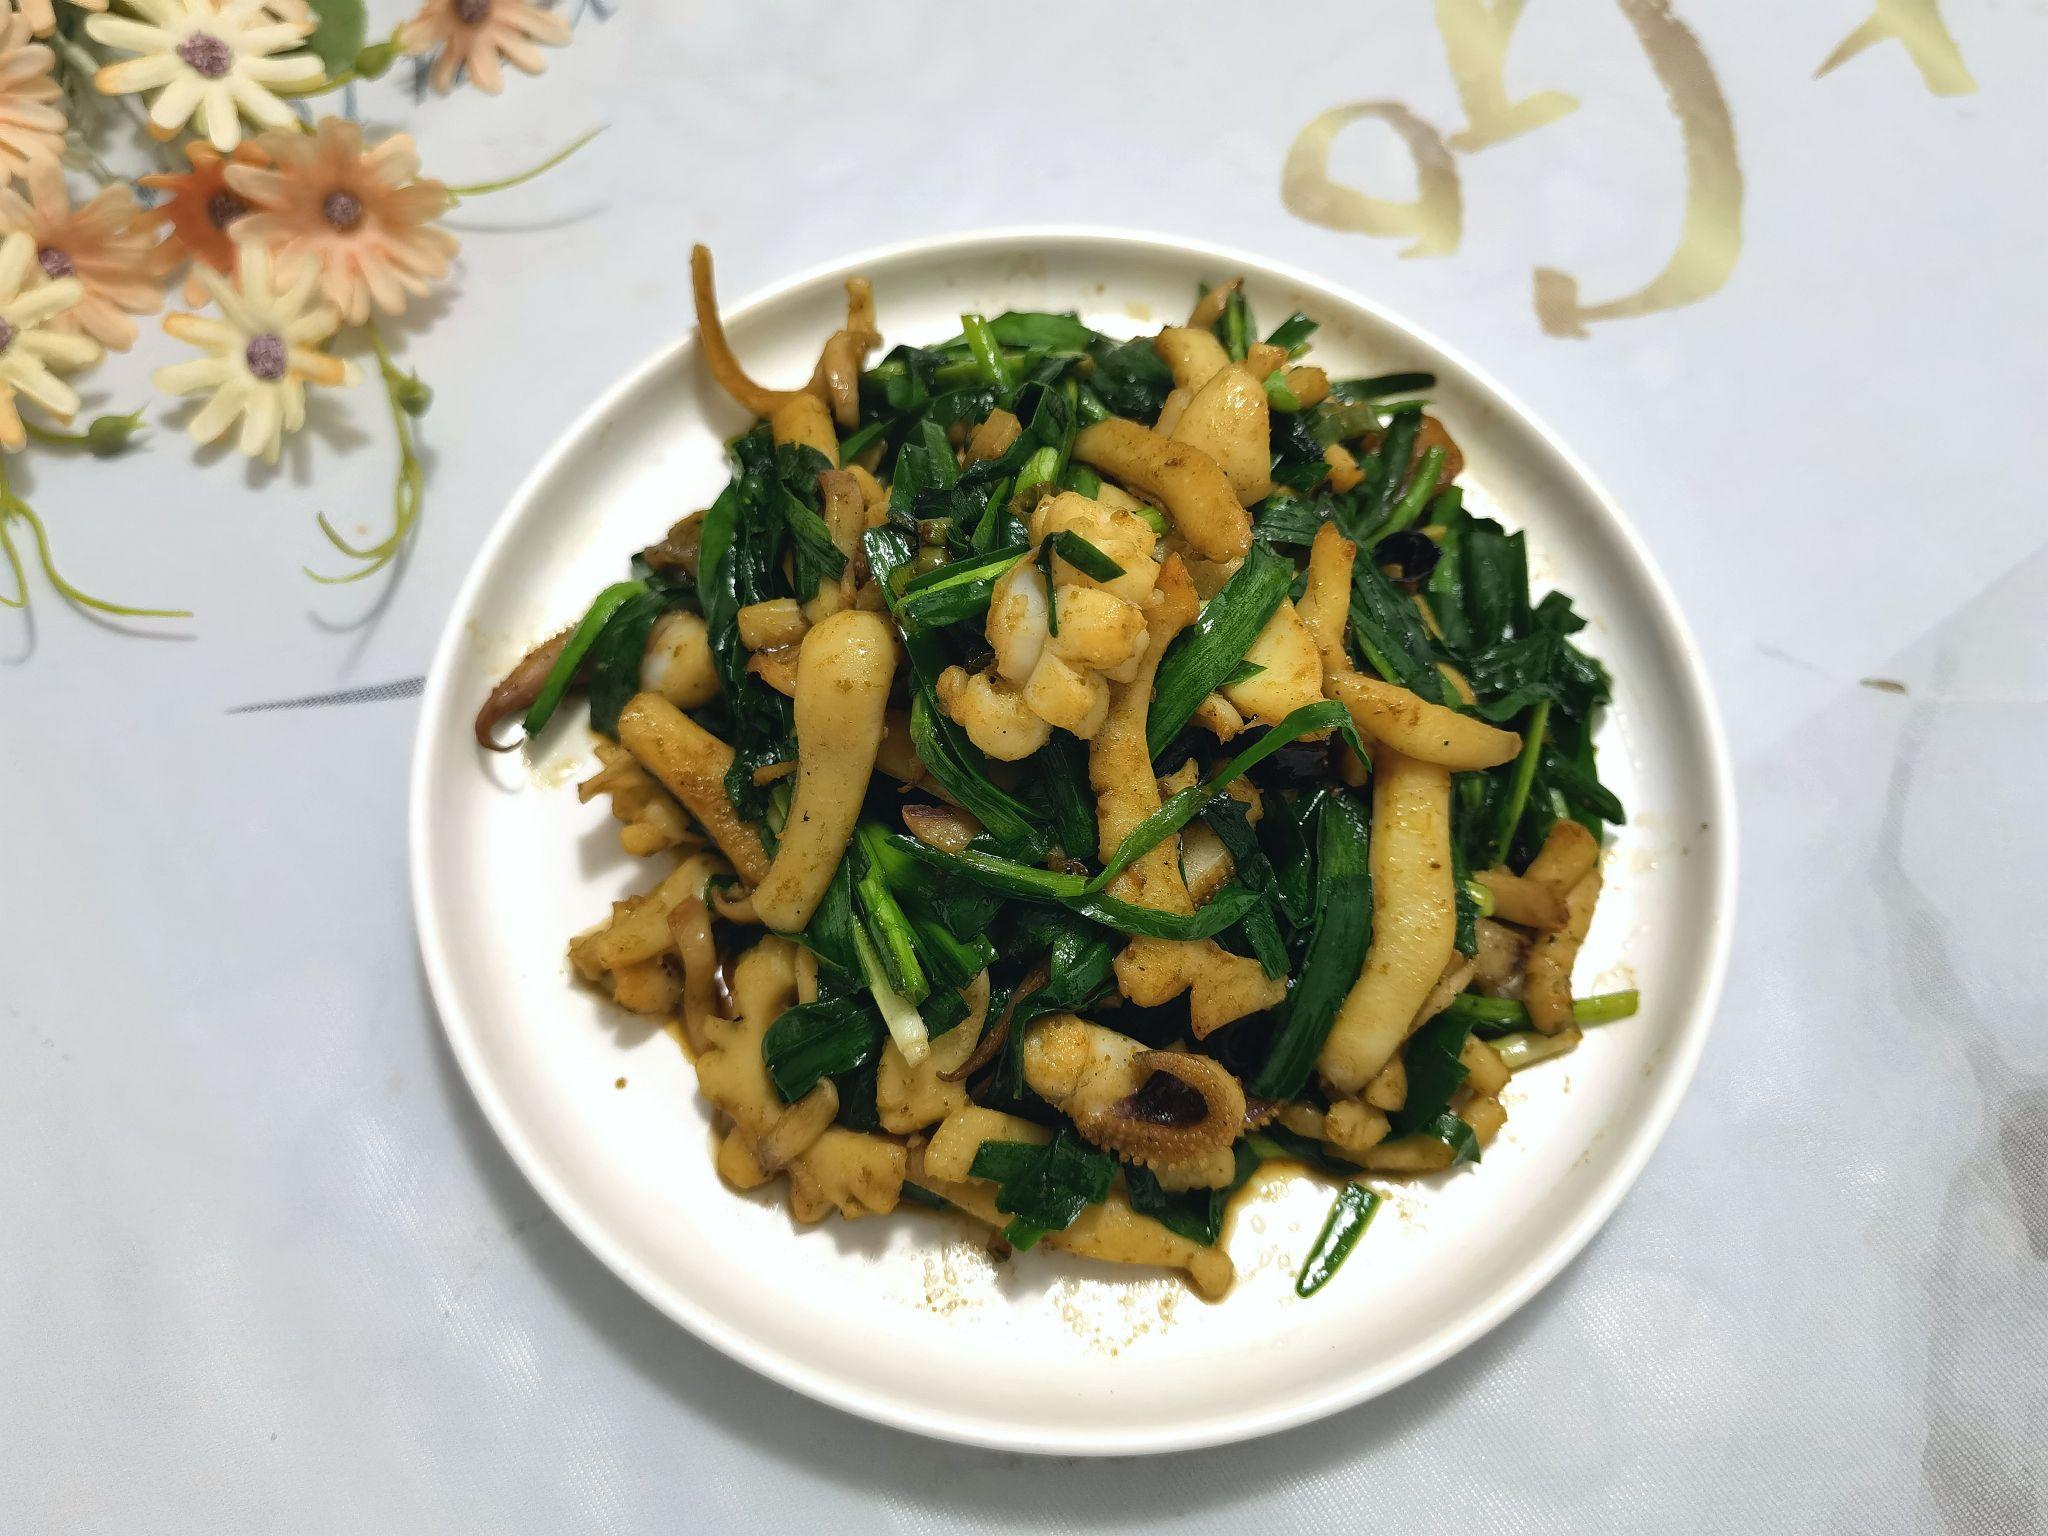 春日鲜品~低脂高蛋白的韭菜炒鱿鱼成品图